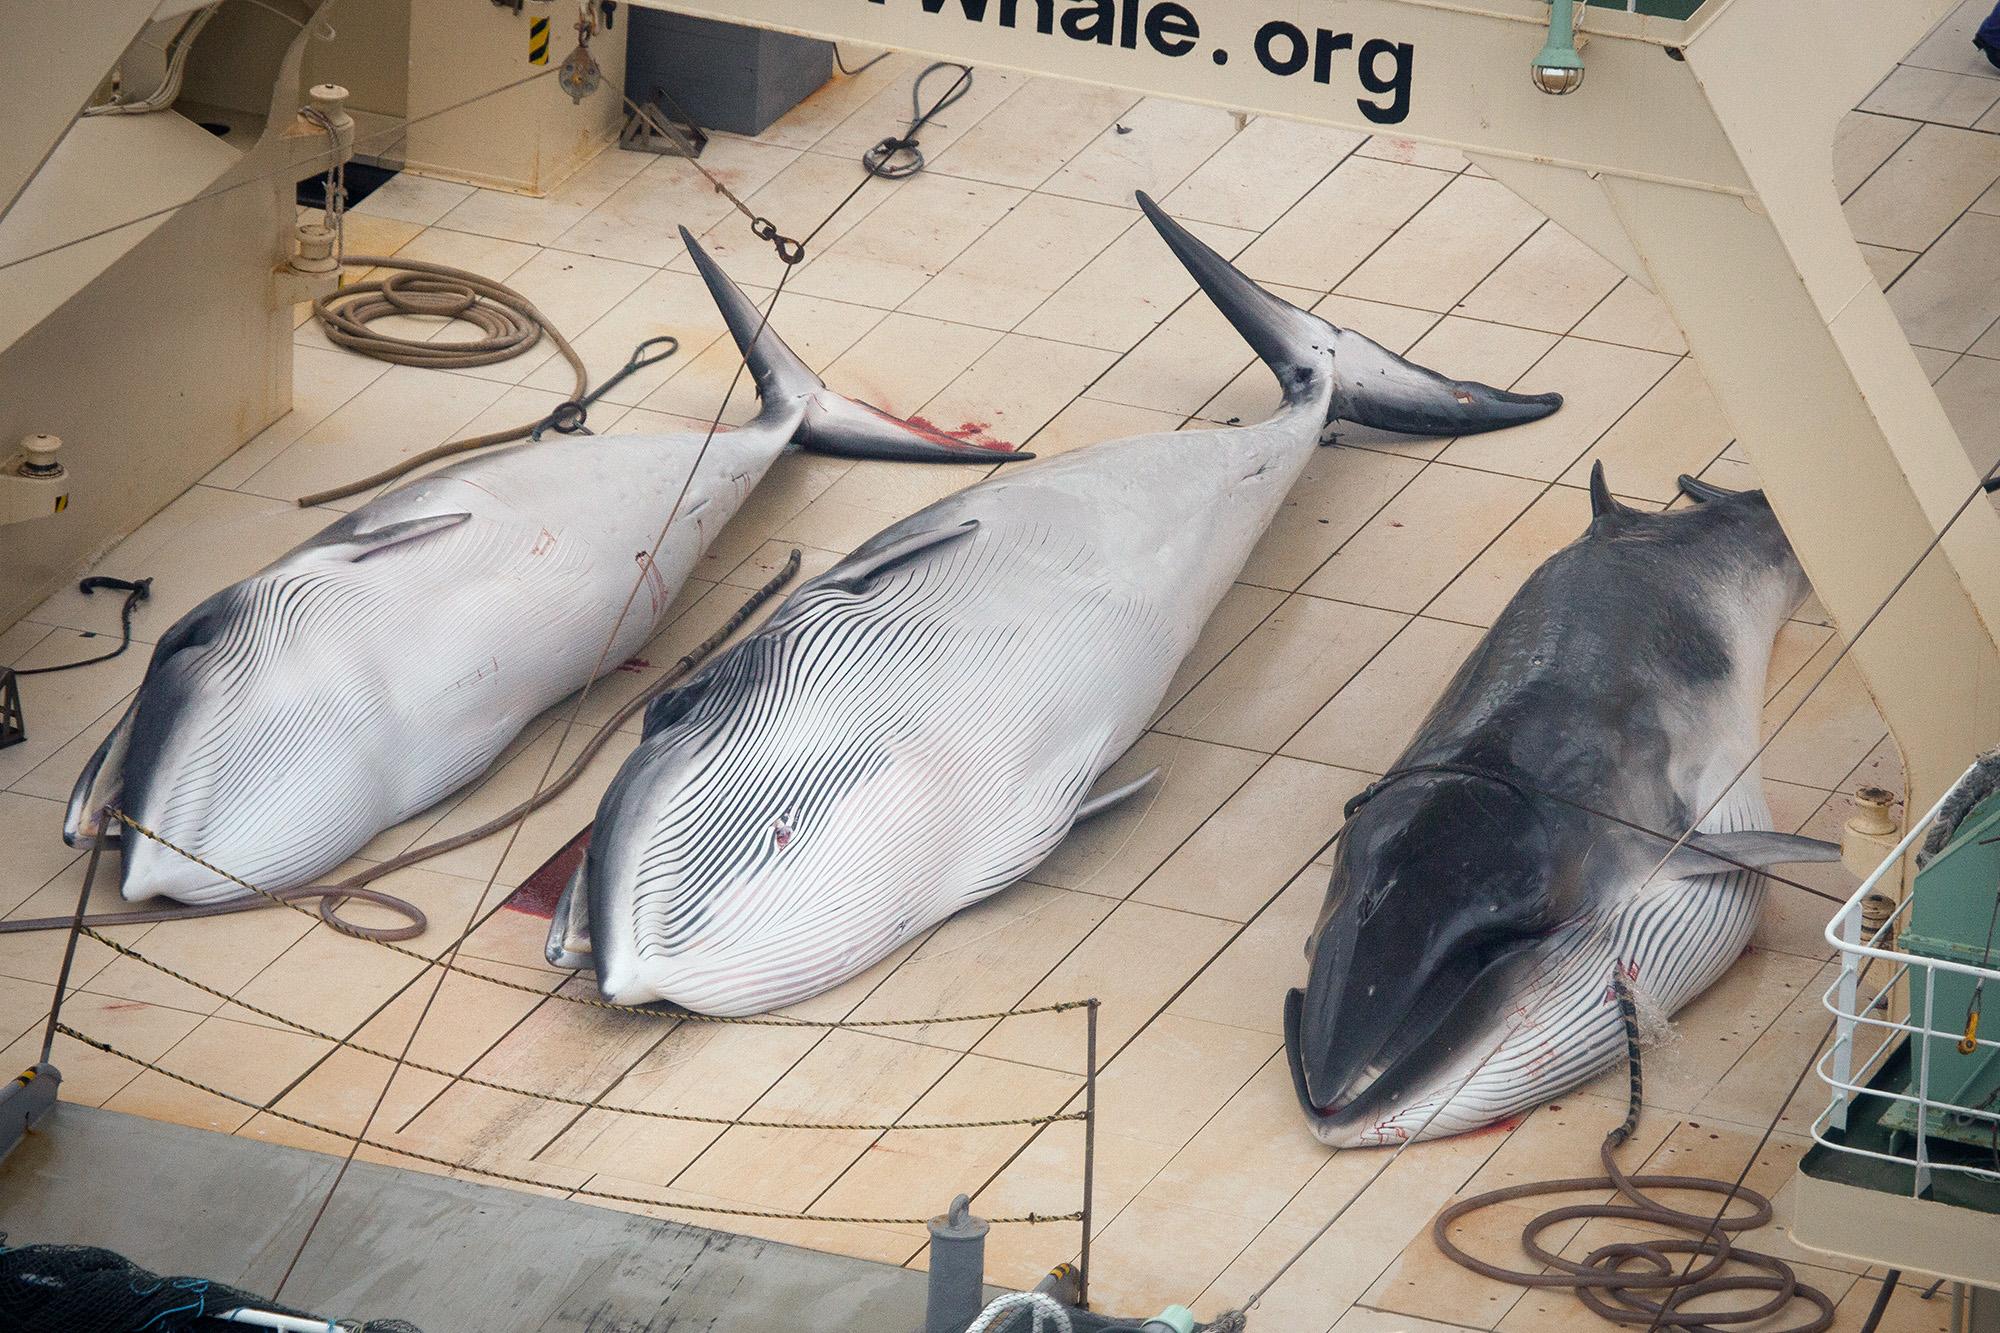 140105-TW-Dead-Minke-Whales-Nisshin-Maru